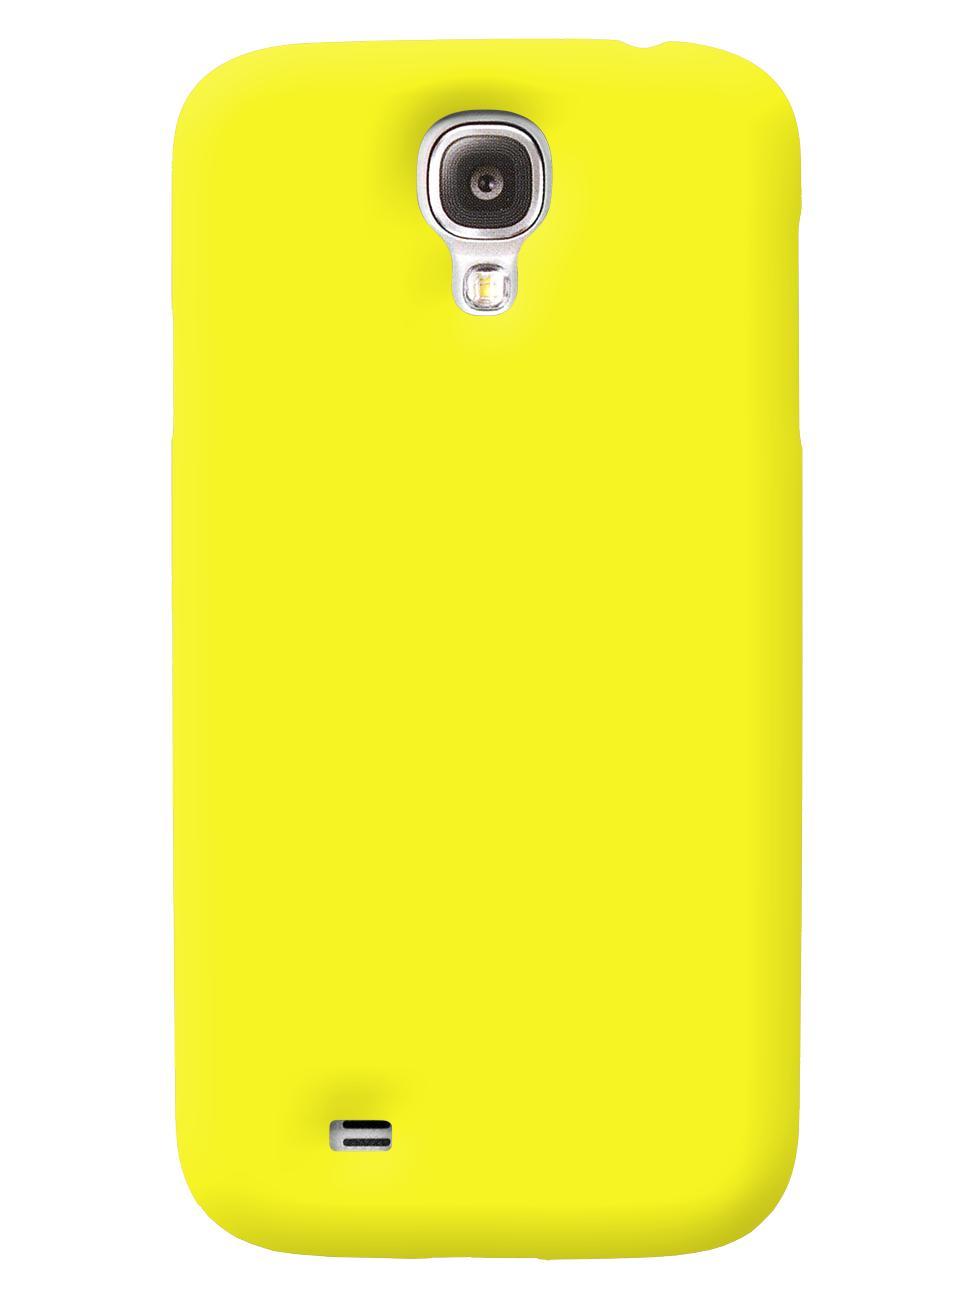 Чехол iCover для Galaxy S IV Rubber lime greenТонкая, яркая, модная и очень надежная. На этом достоинства iCover Rubber точно не заканчиваются. Панель идеально повторяет формы элегантного Galaxy S IV  и не загораживает доступ к элементам управления. Корпус, толщиной всего несколько миллиметров, отлич...<br>